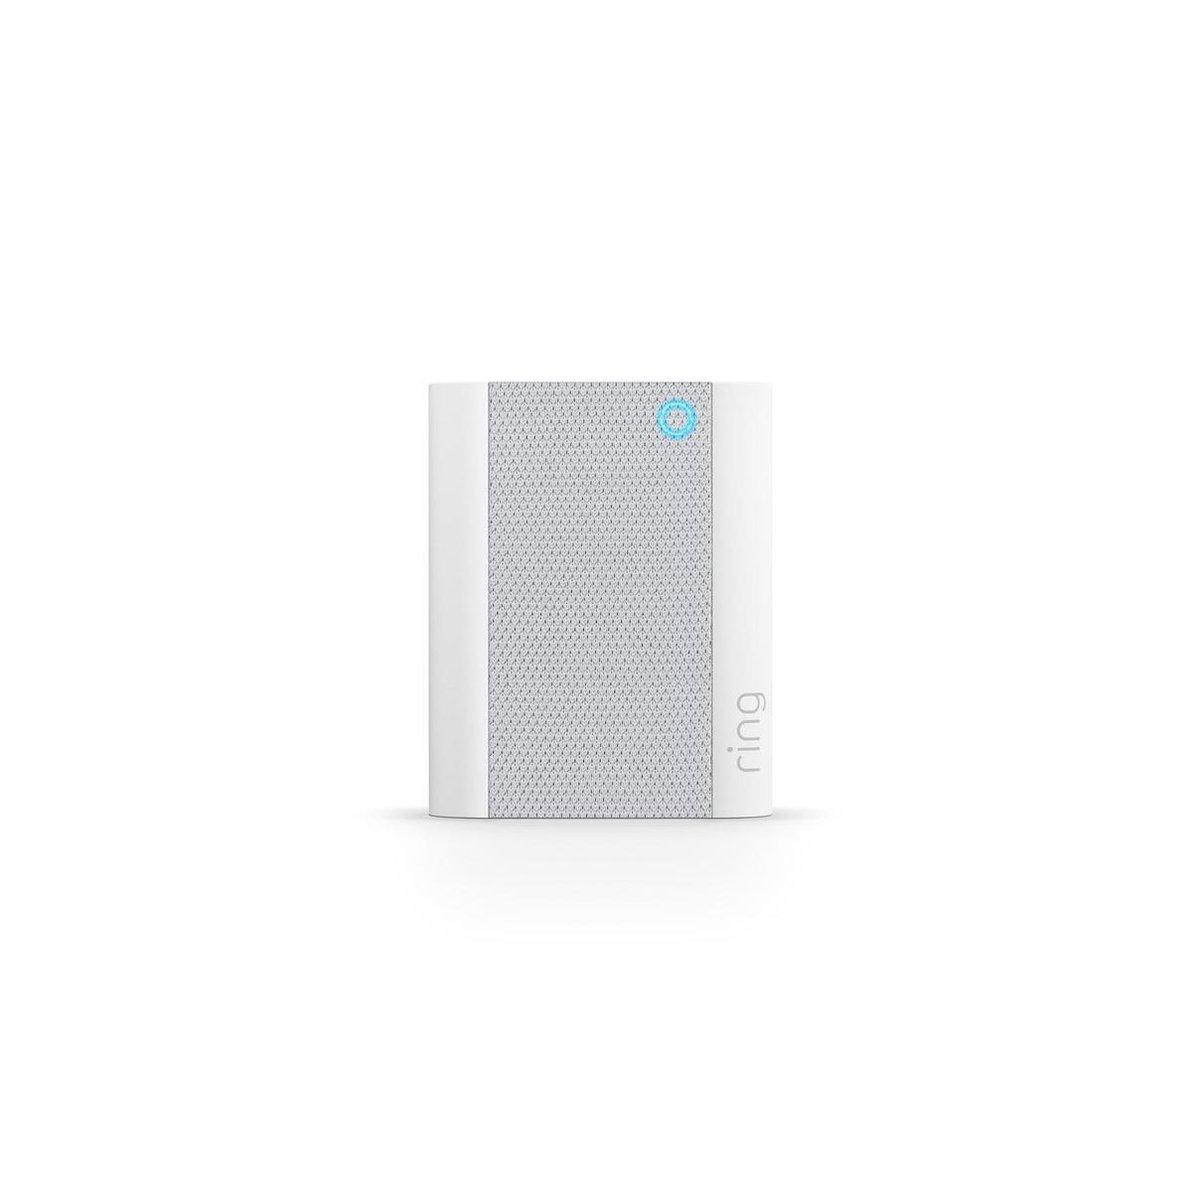 Ring Chime (new) - Deurbelgong - Voor alle Ring deurbellen en beveiligingscamera's op De Prijzenvolger